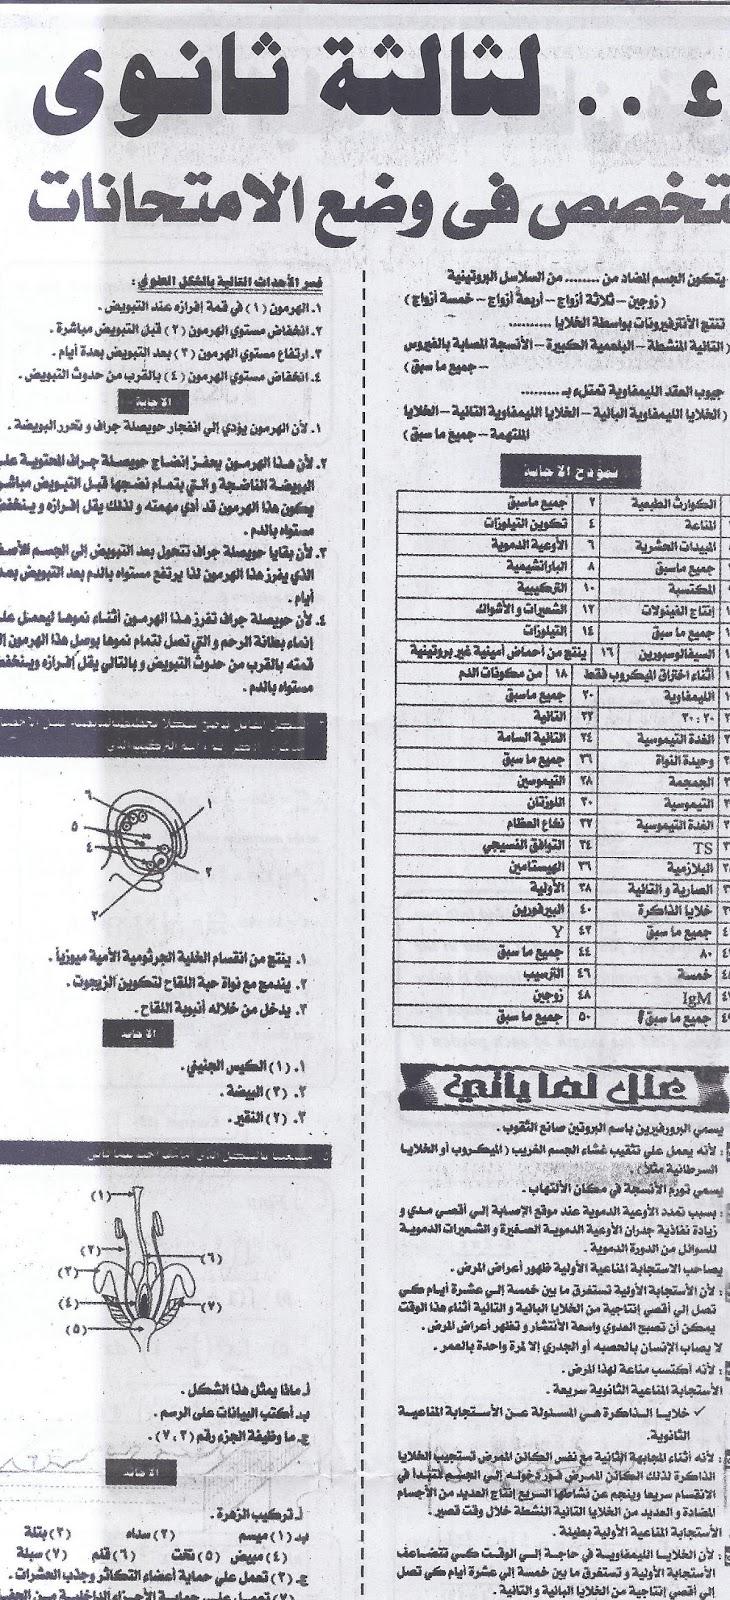 اسئلة احياء مجابة ومتوقعة لامتحان ثانوية عامة 2016 ... خبراء ملحق الجمهورية 14